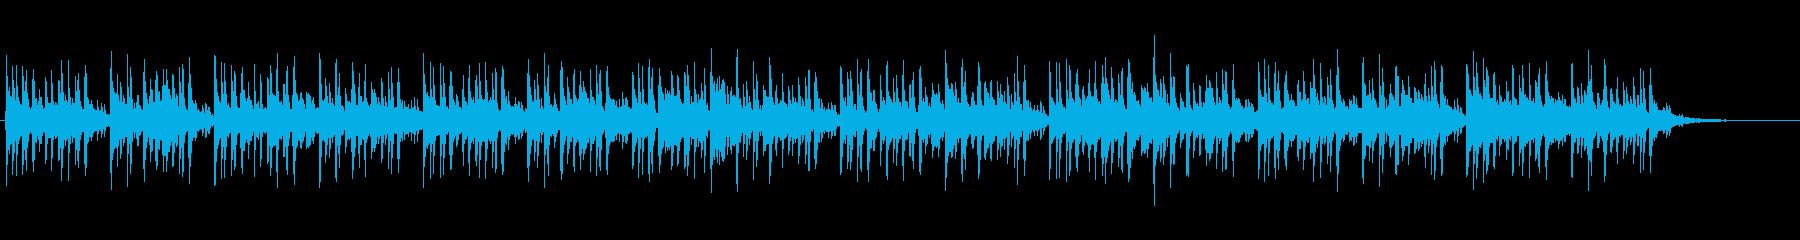 軽やかなEDMに変身したメヌエットの再生済みの波形